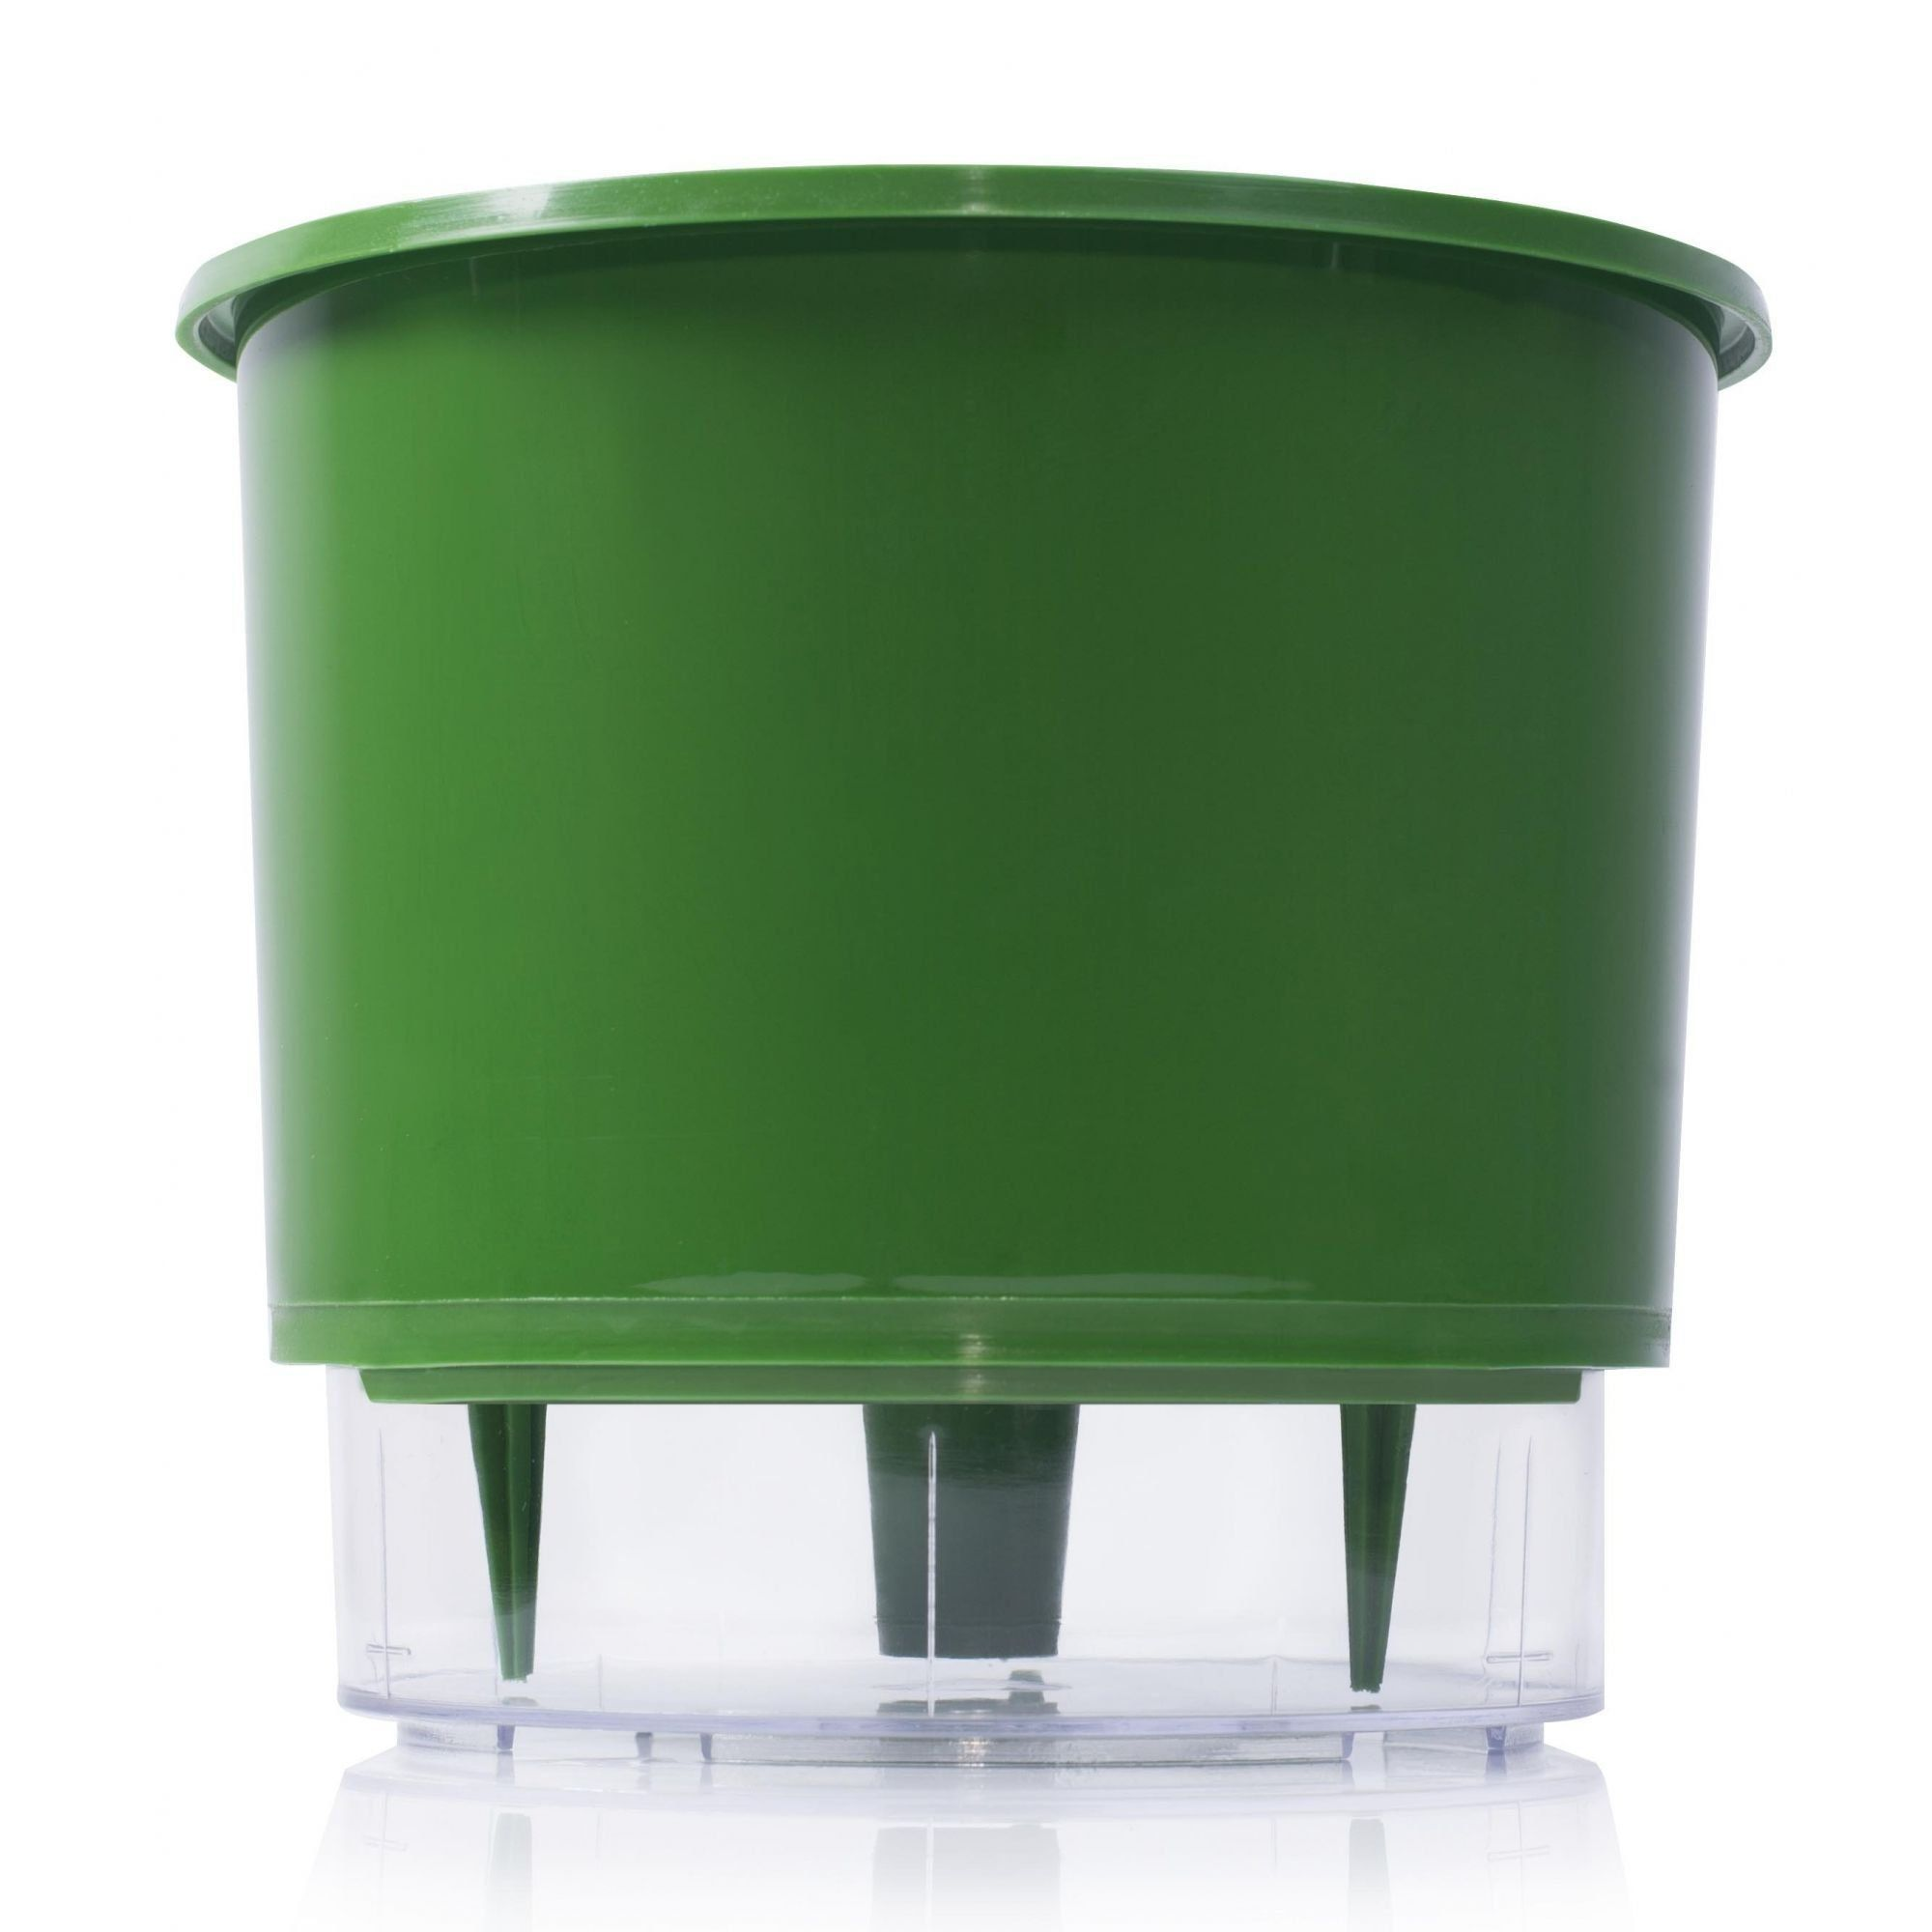 Vaso Autoirrigável Verde Escuro Grande 21,5cm x 19cm - N04  - Vasos Raiz Loja Oficial